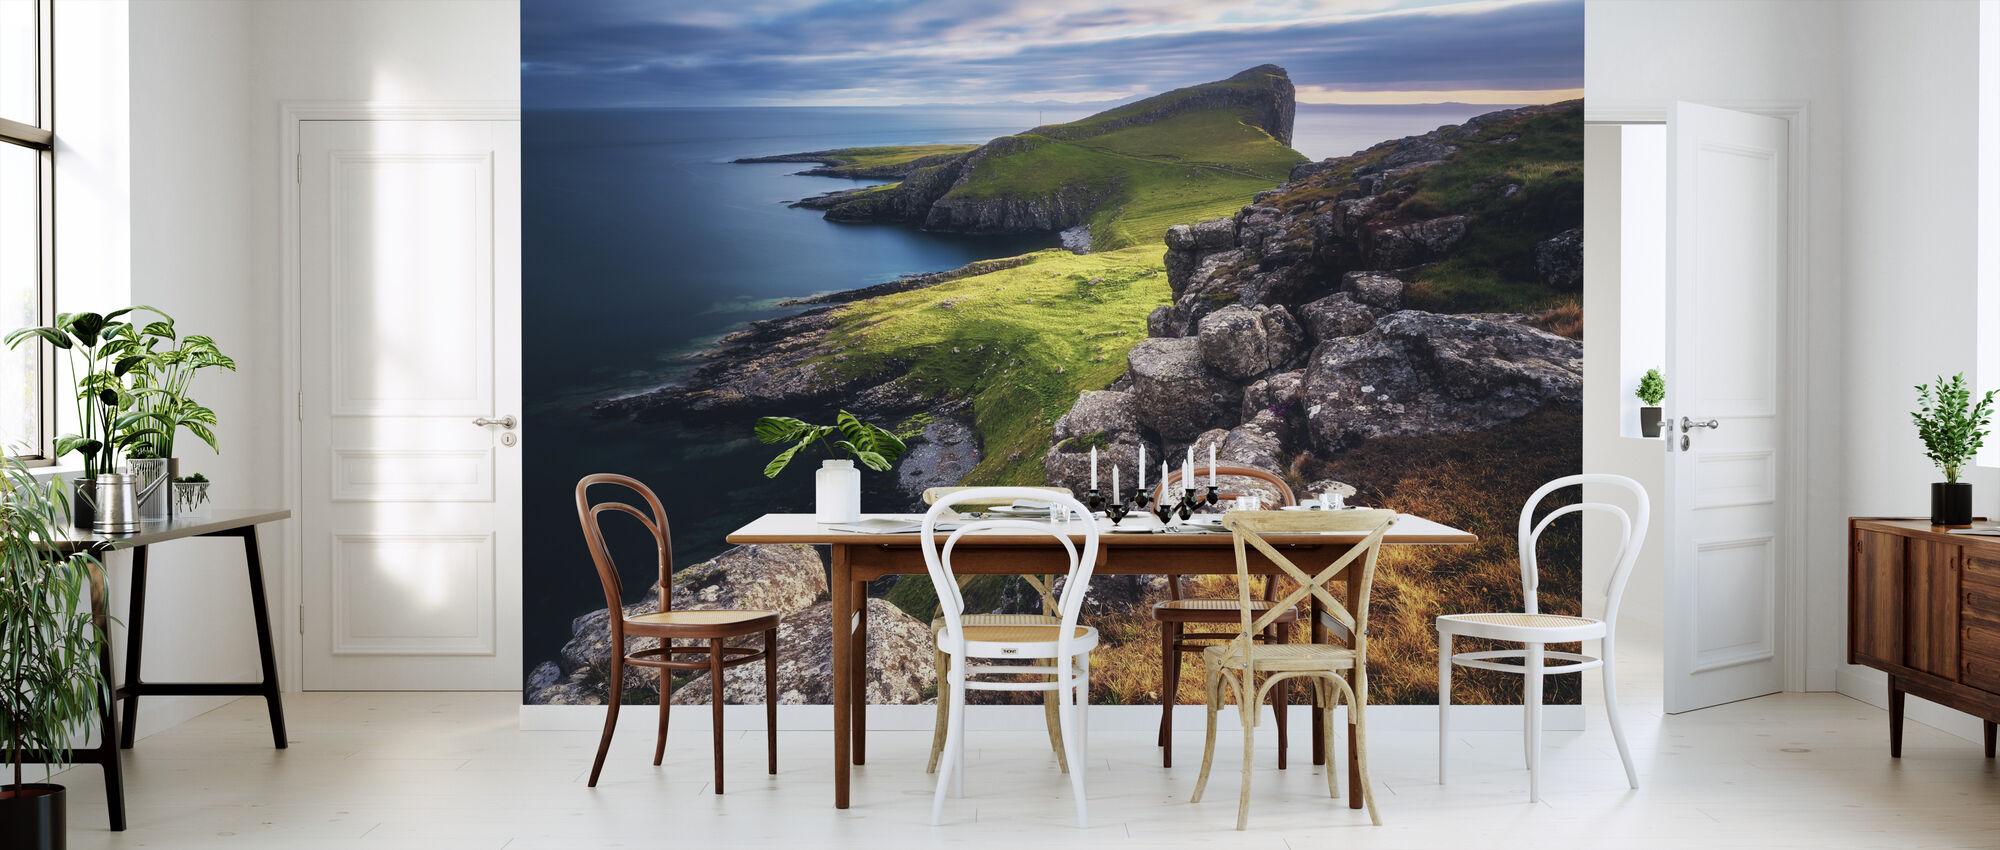 Scotland - Neist Point - Wallpaper - Kitchen